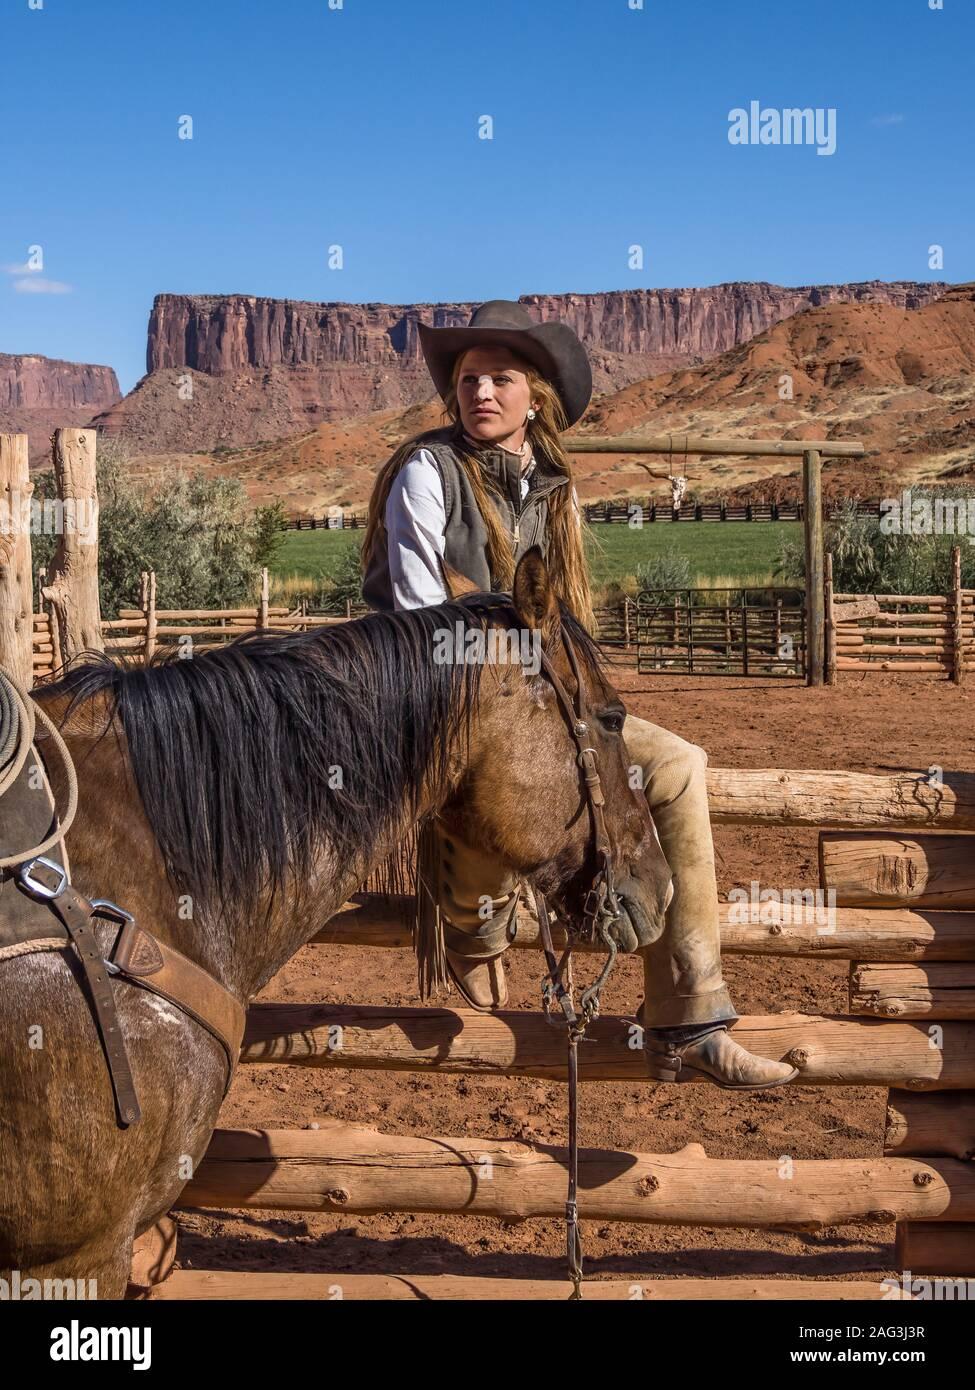 Un atractivo joven vaquera wrangler descansa sobre un raíl de madera valla por su caballo en un rancho cerca de Moab, Utah. Foto de stock